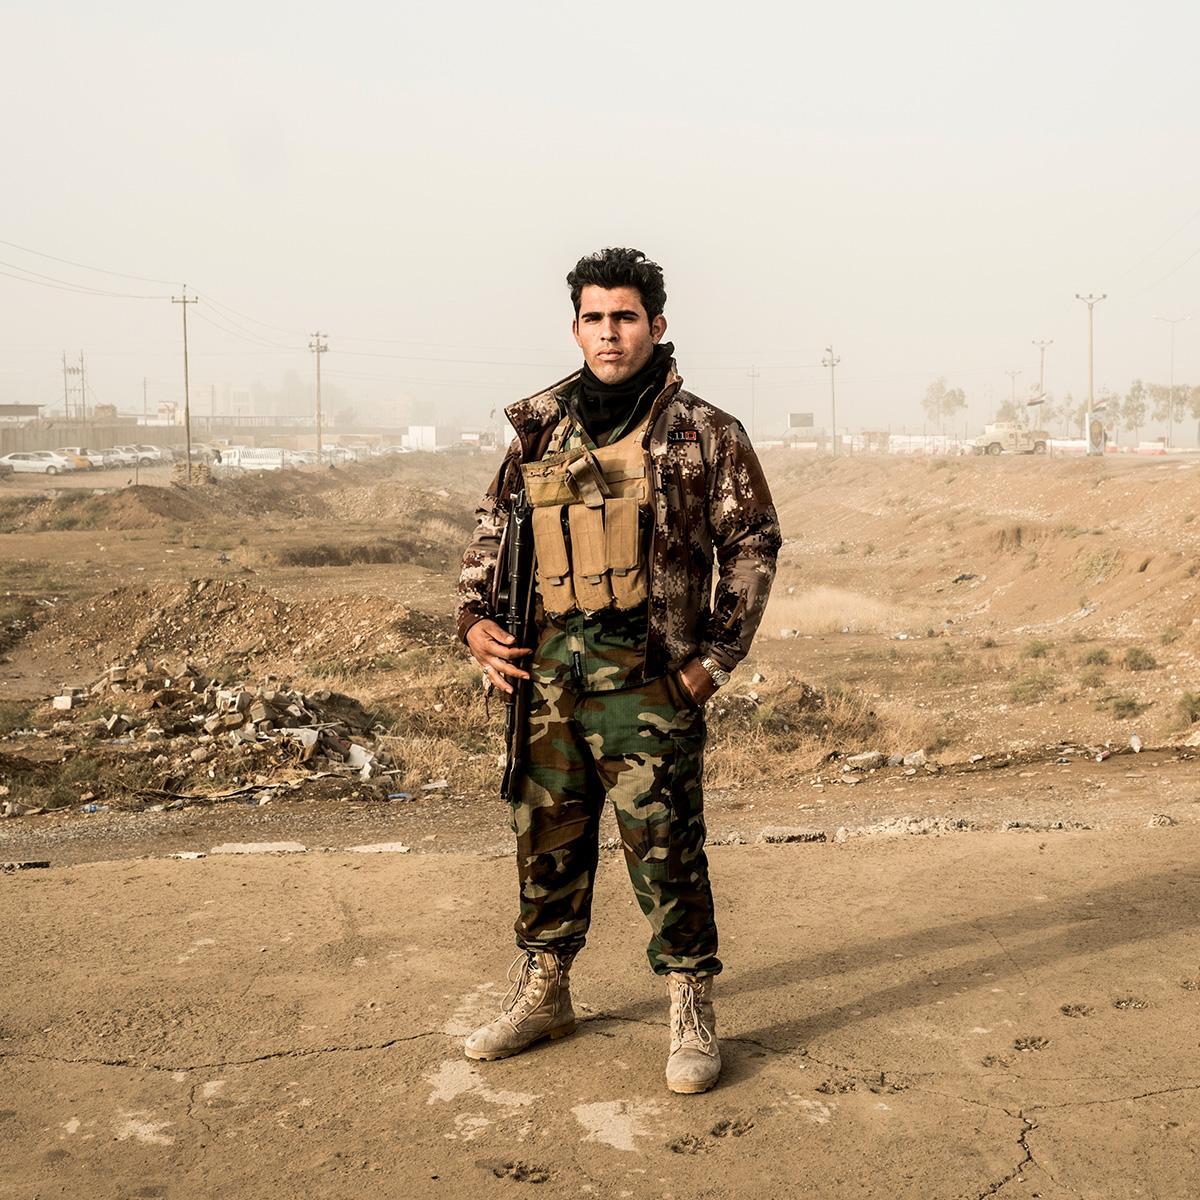 MoeZoyari_Iraq_42.JPG